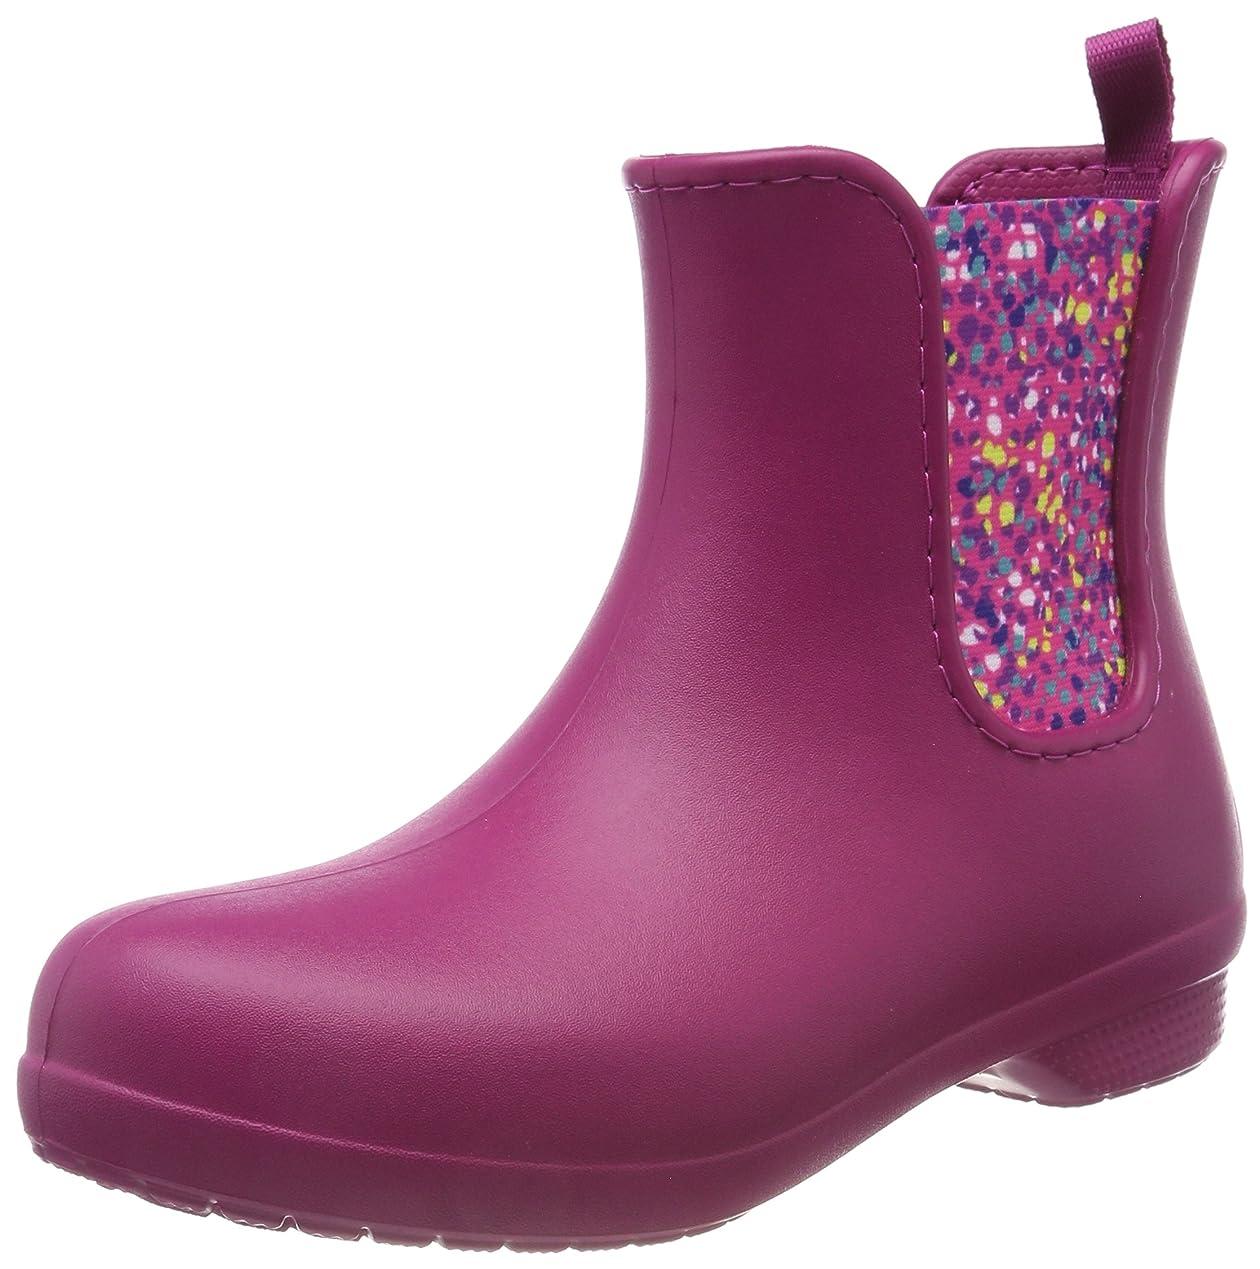 海洋調停するできる[Crocs] (クロックス) レディース Freesail チェルシーブーツ 婦人靴 長靴 アンクル ブーツ 女性用 (7 UK) (ベリー/ドット)